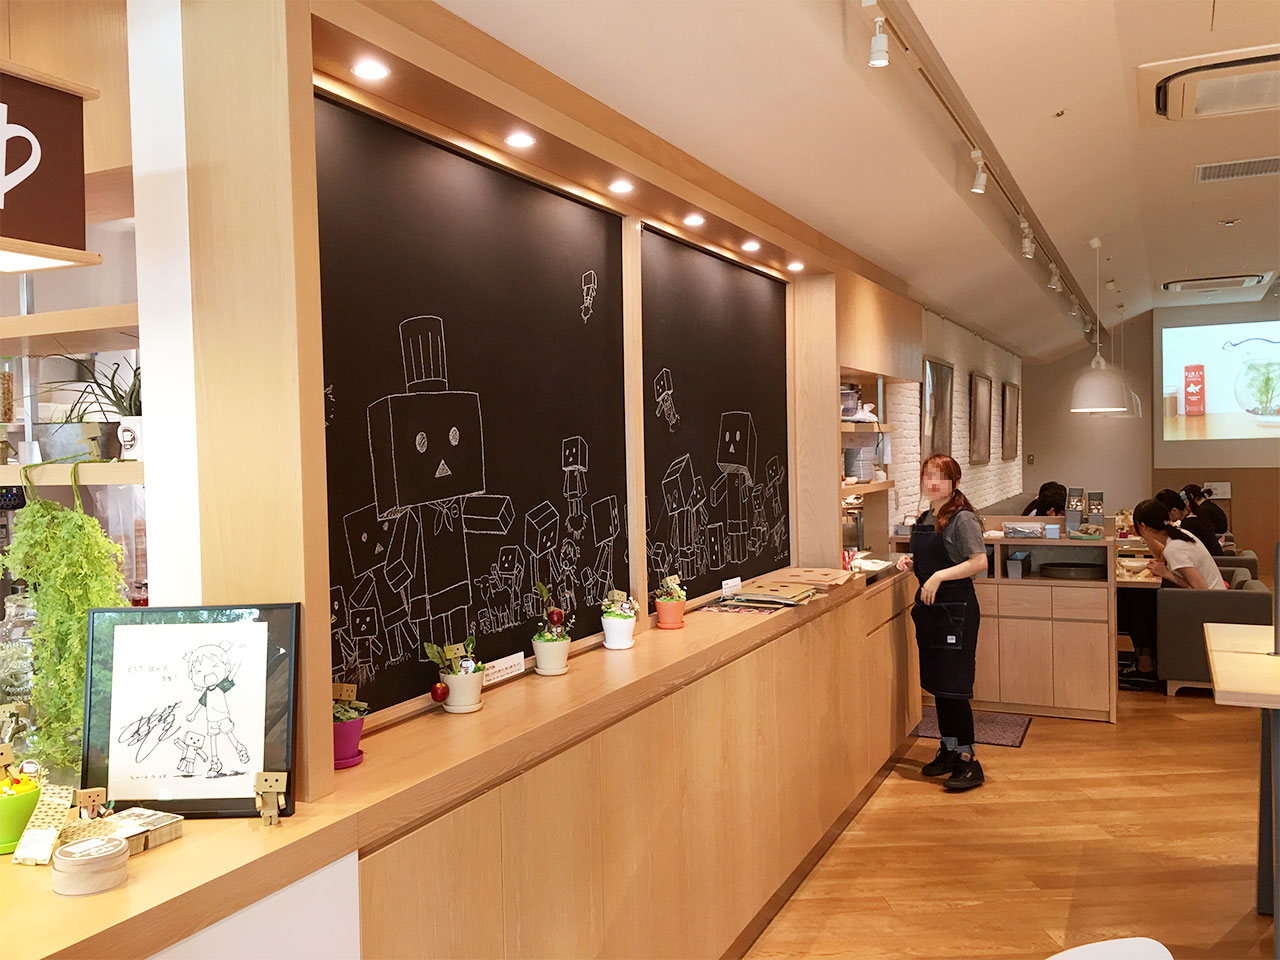 tachikawa-danboard-cafe-tennai02